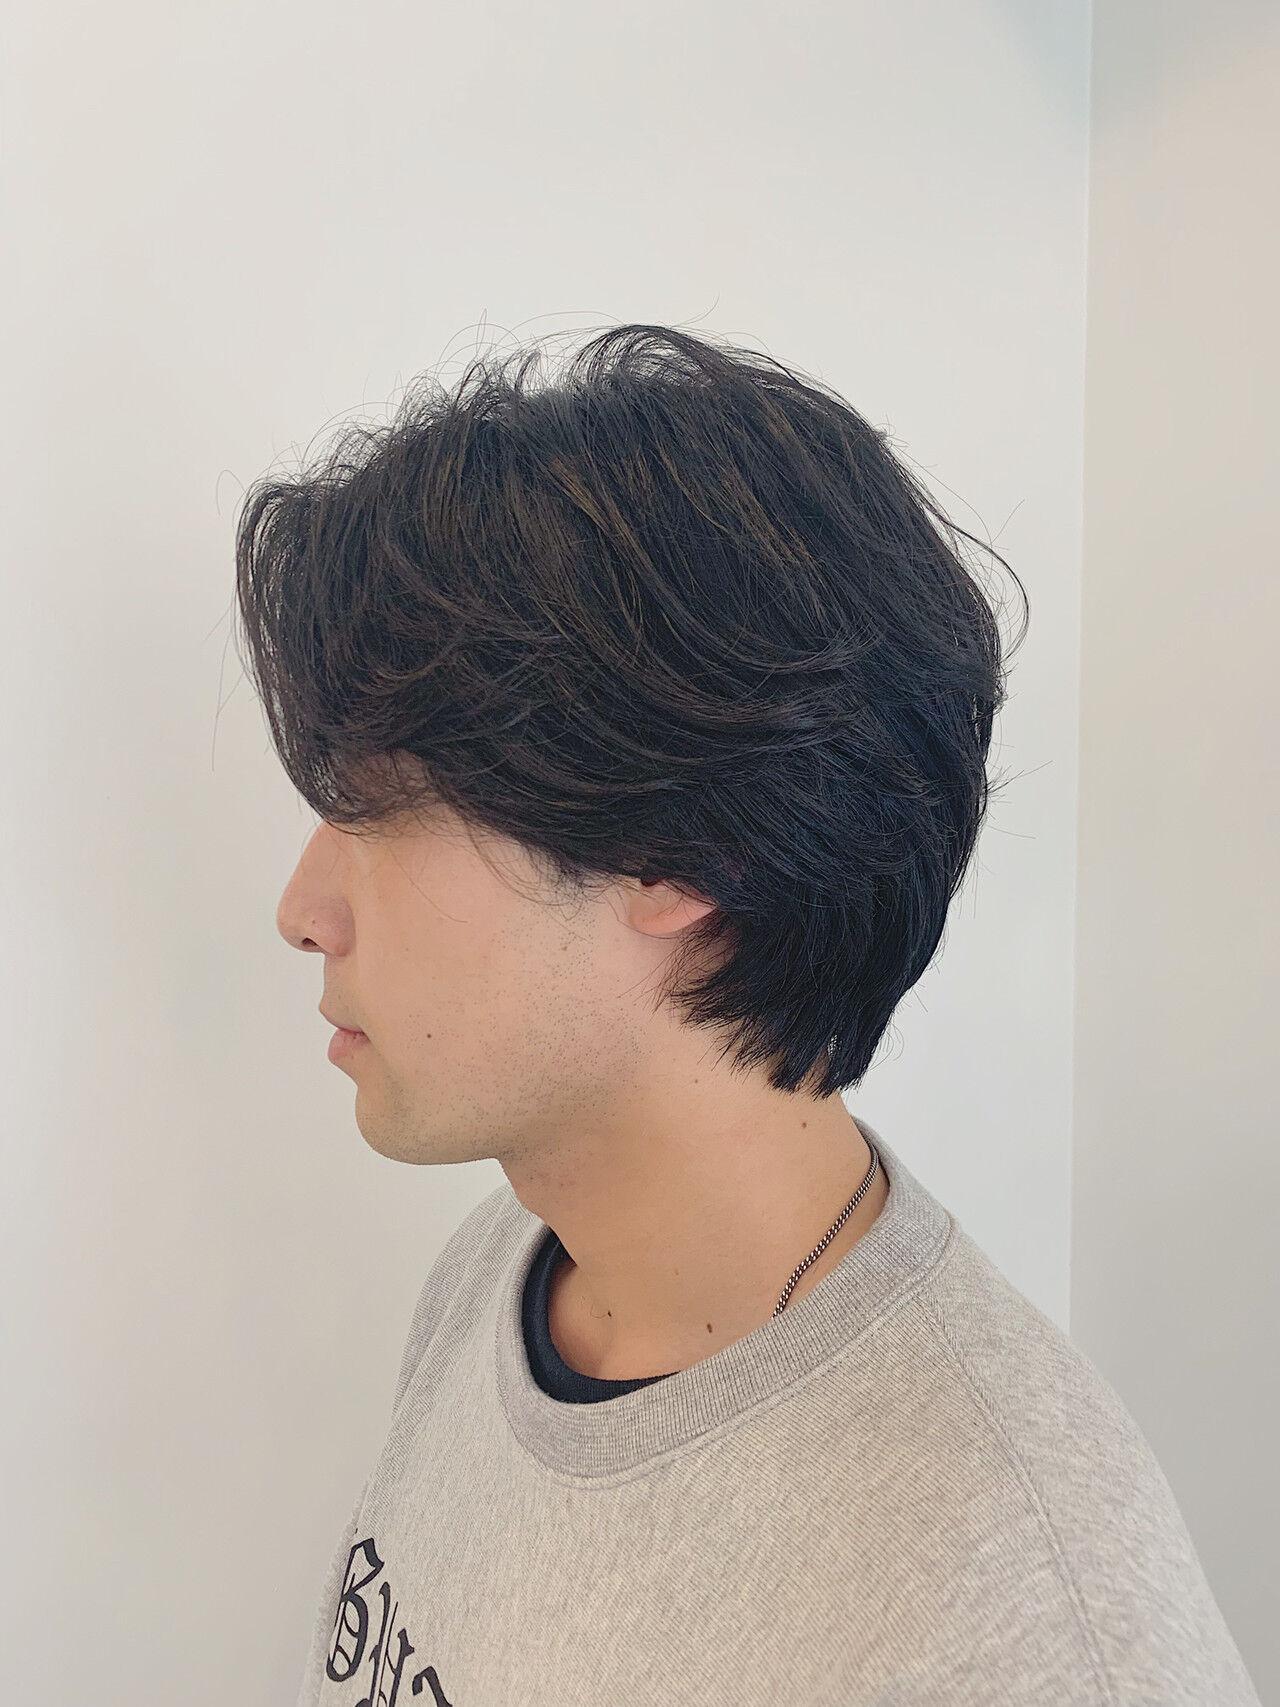 ナチュラル ショート メンズ メンズカジュアルヘアスタイルや髪型の写真・画像